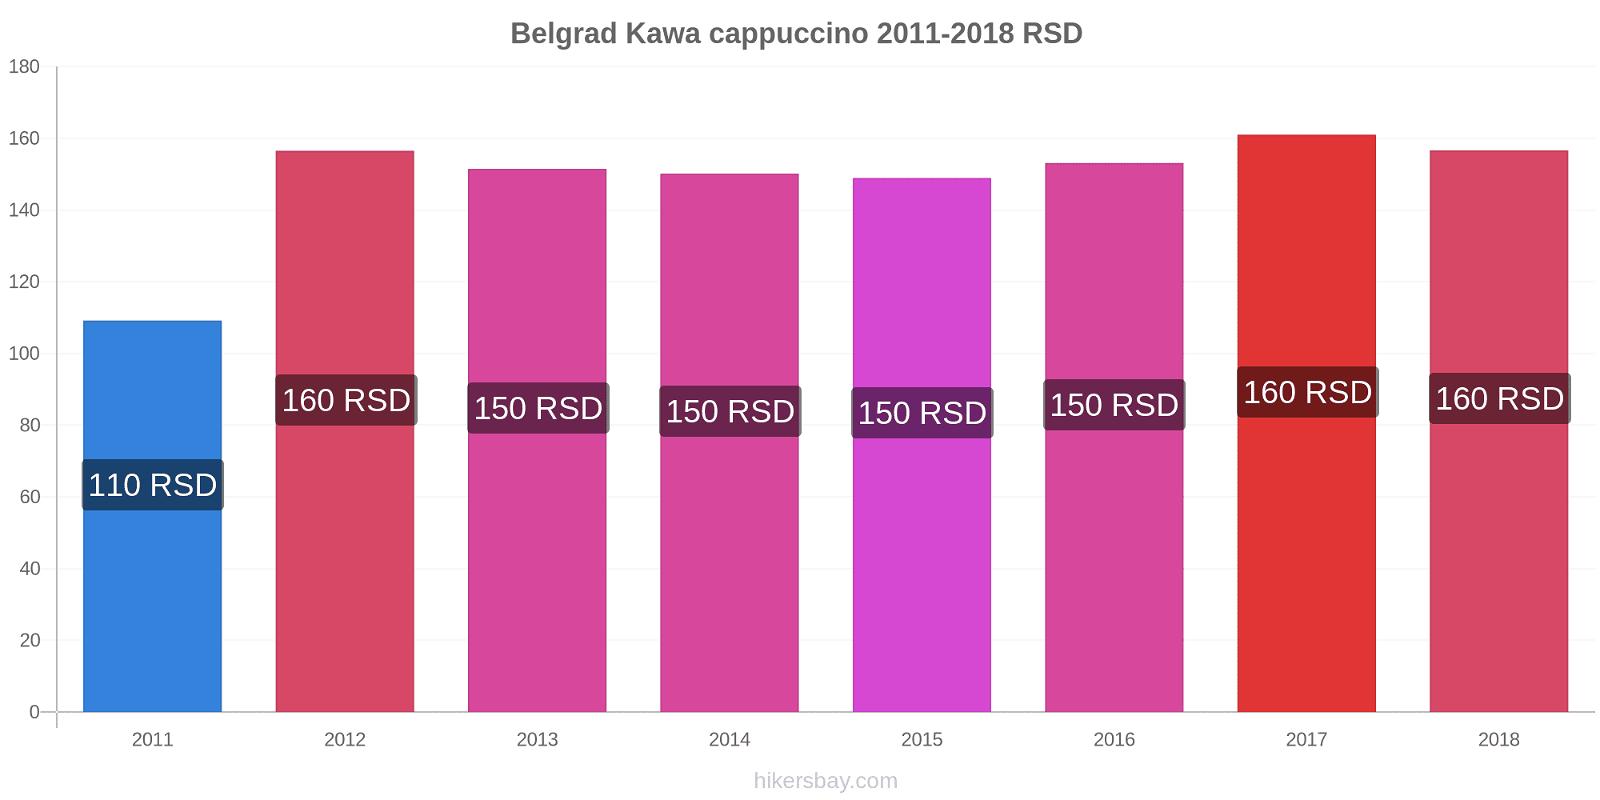 Belgrad zmiany cen Kawa cappuccino hikersbay.com